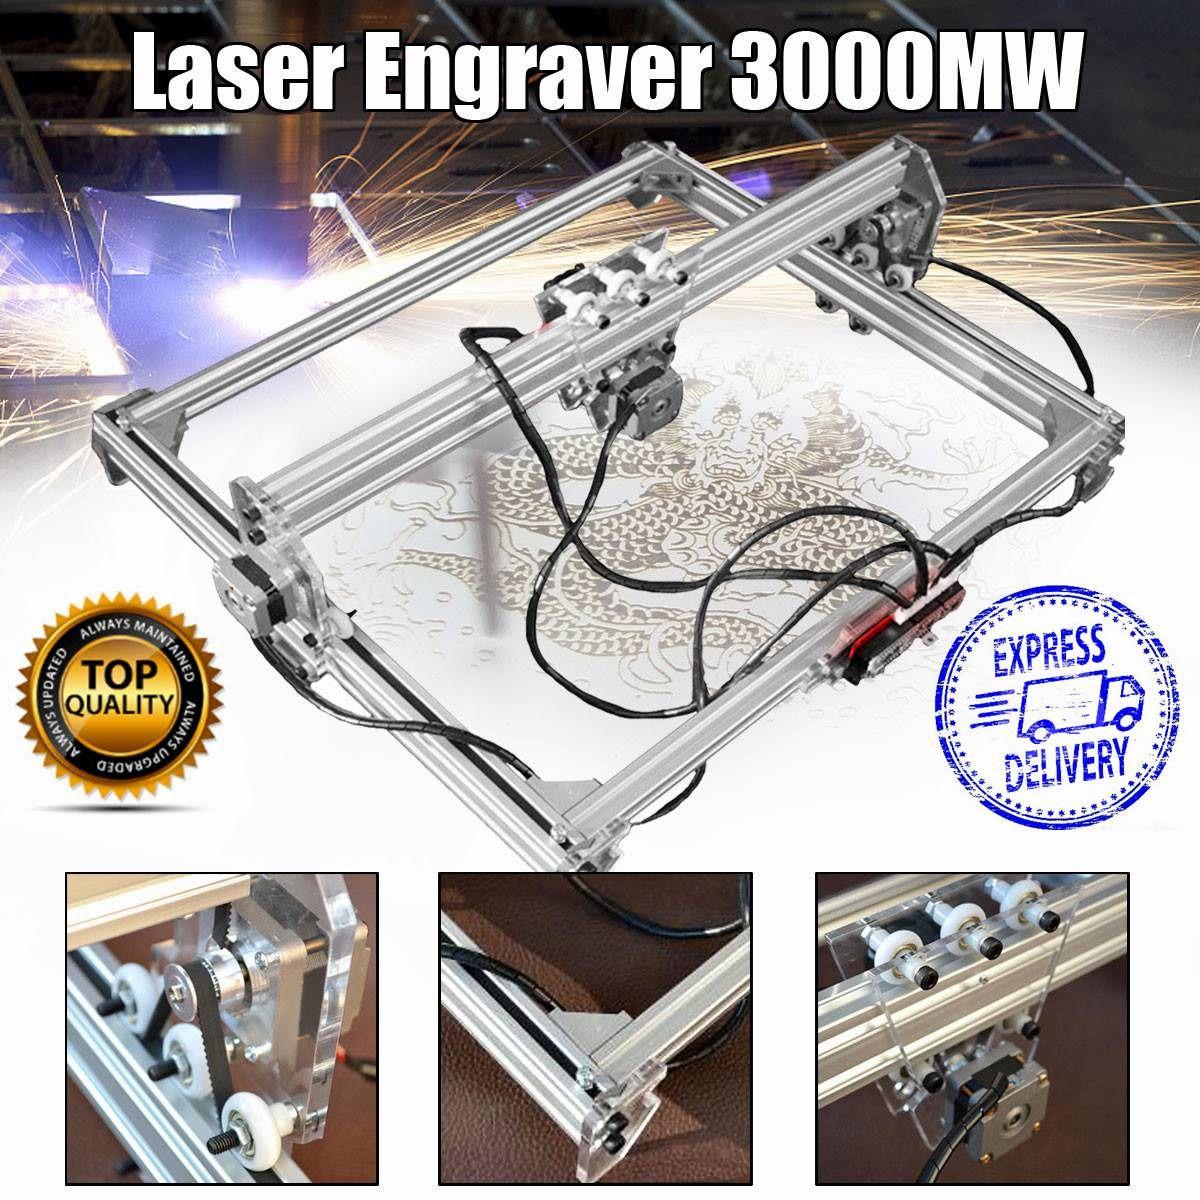 15 W/3000 mw 50*65 cm CNC Laser Engraver Gravur Maschine für Metall/Holz Router/ DIY Cutter 2 Achsen Engraver Desktop Cutter + Laser